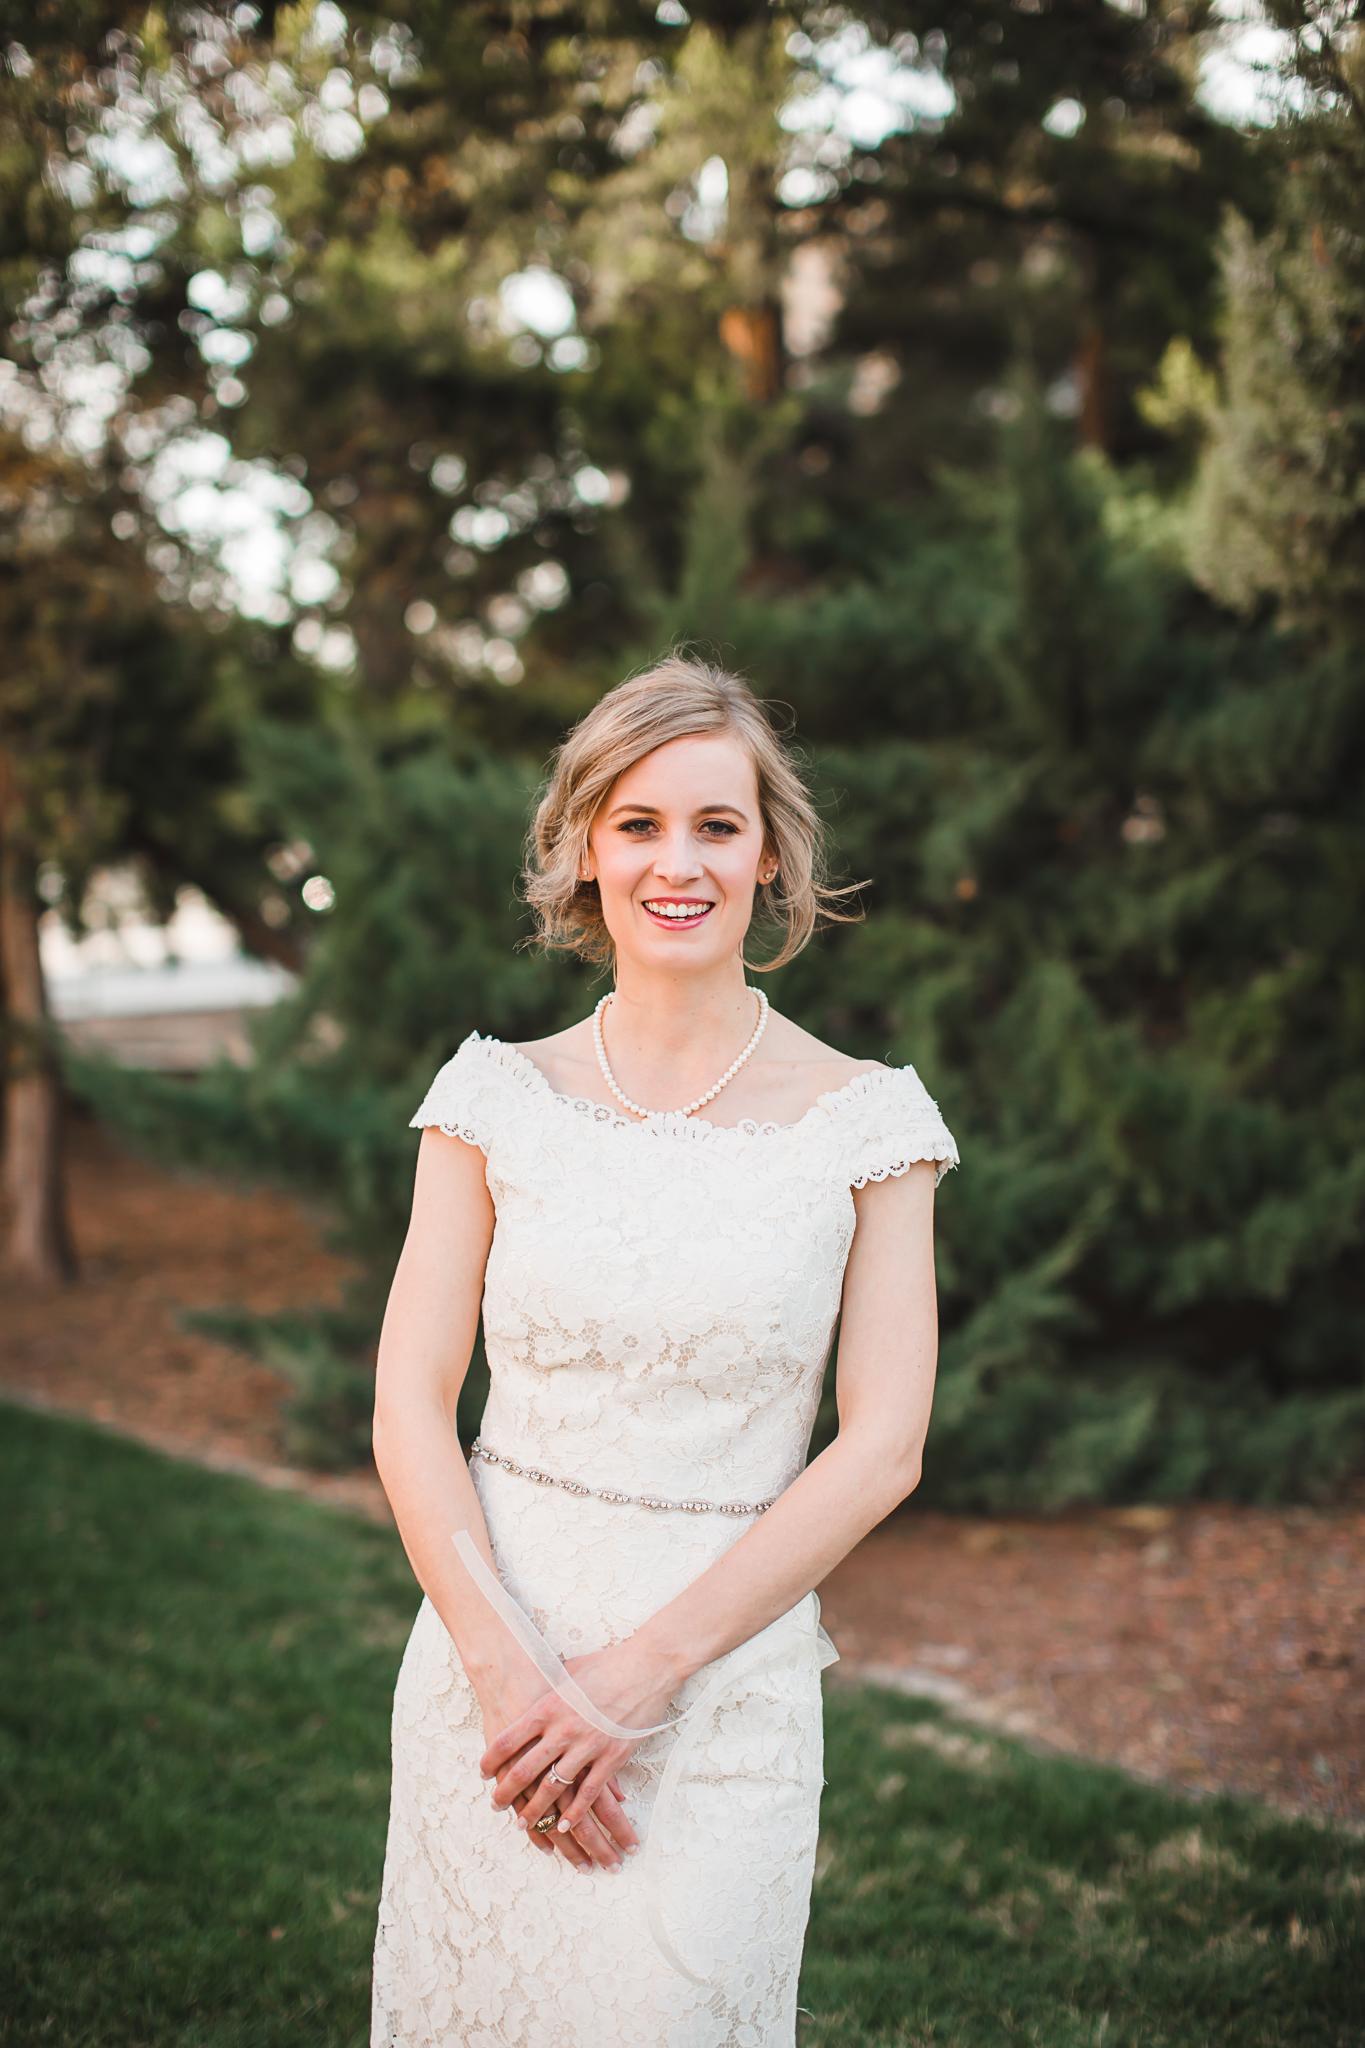 alyssa bridal blog-2.jpg